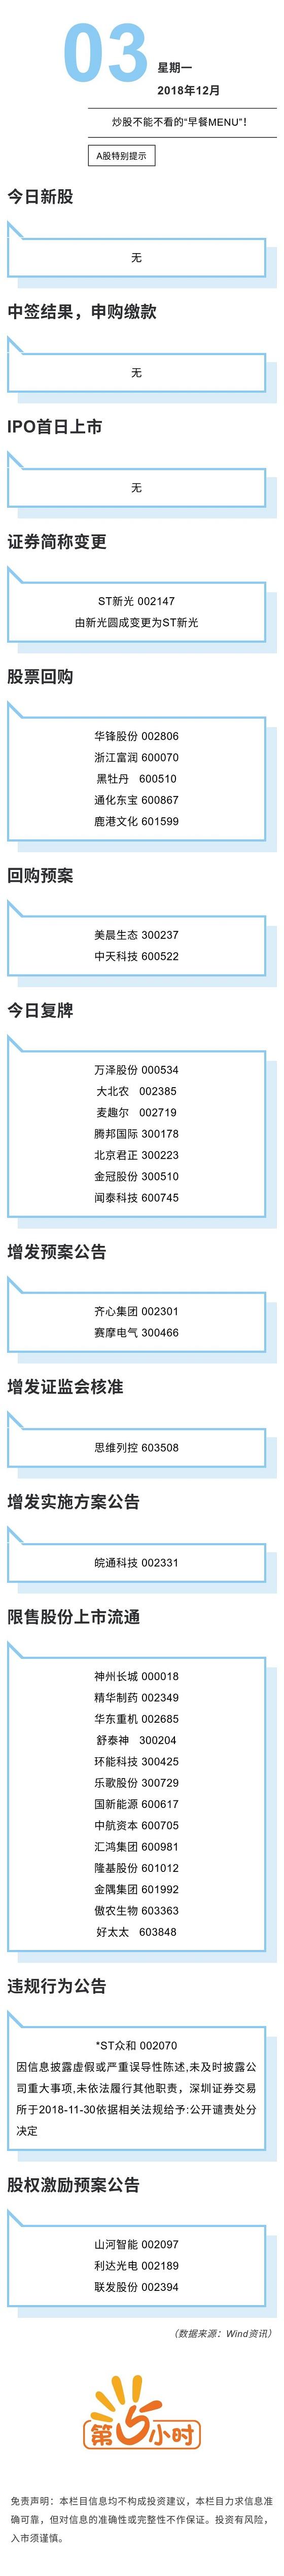 A股特别提示(2018-12-03).jpg